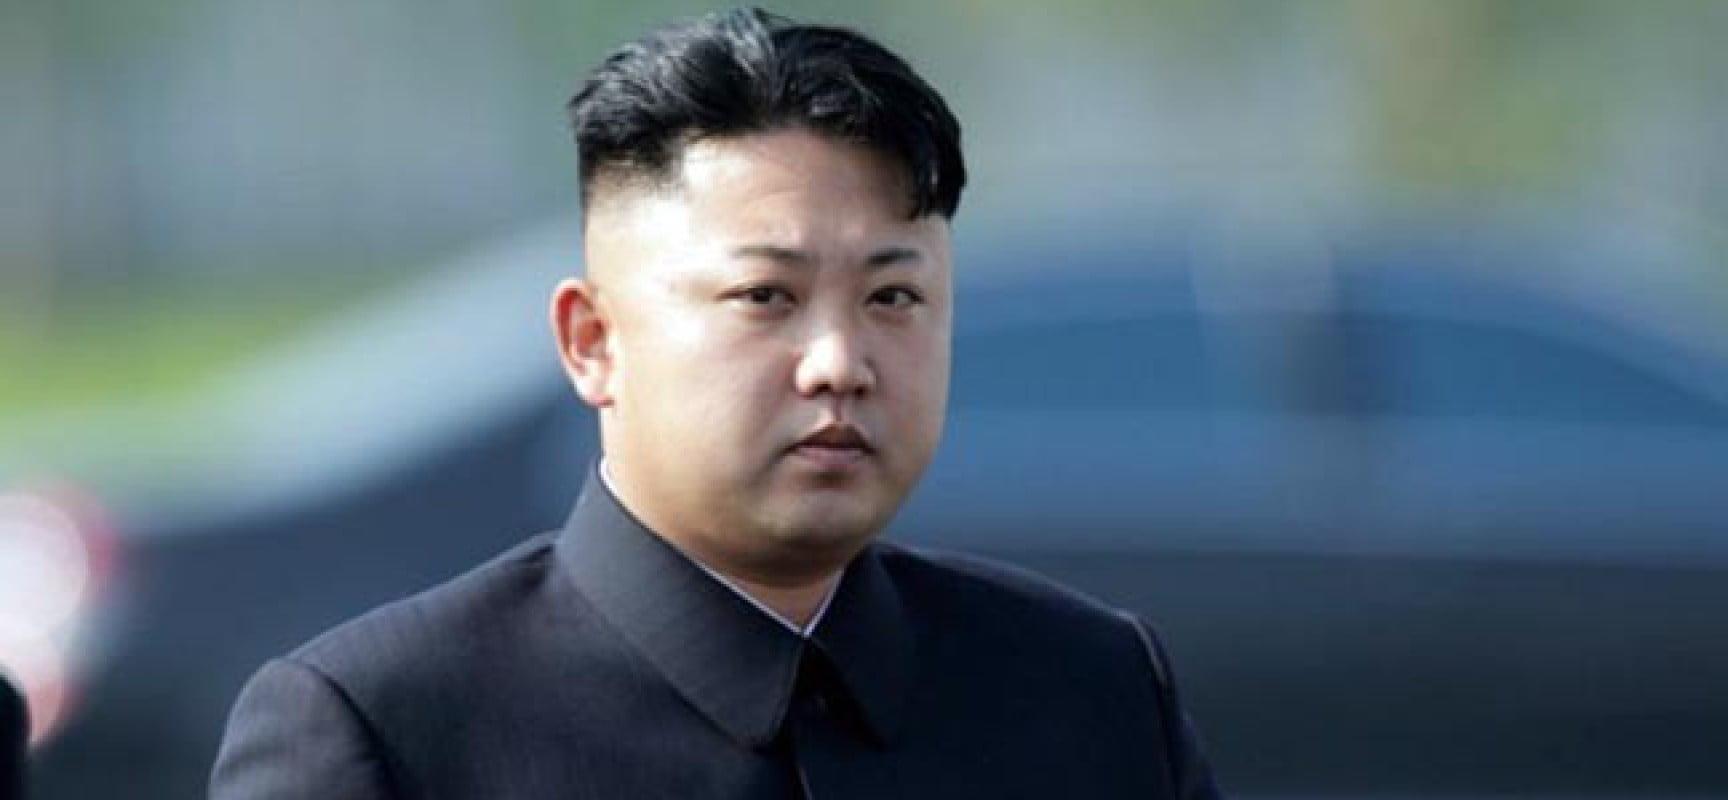 Κιμ Γιονγκ-ουν vs ΟΗΕ: Το Ισραήλ δεν υπάρχει για να του δοθεί πρωτεύουσα…